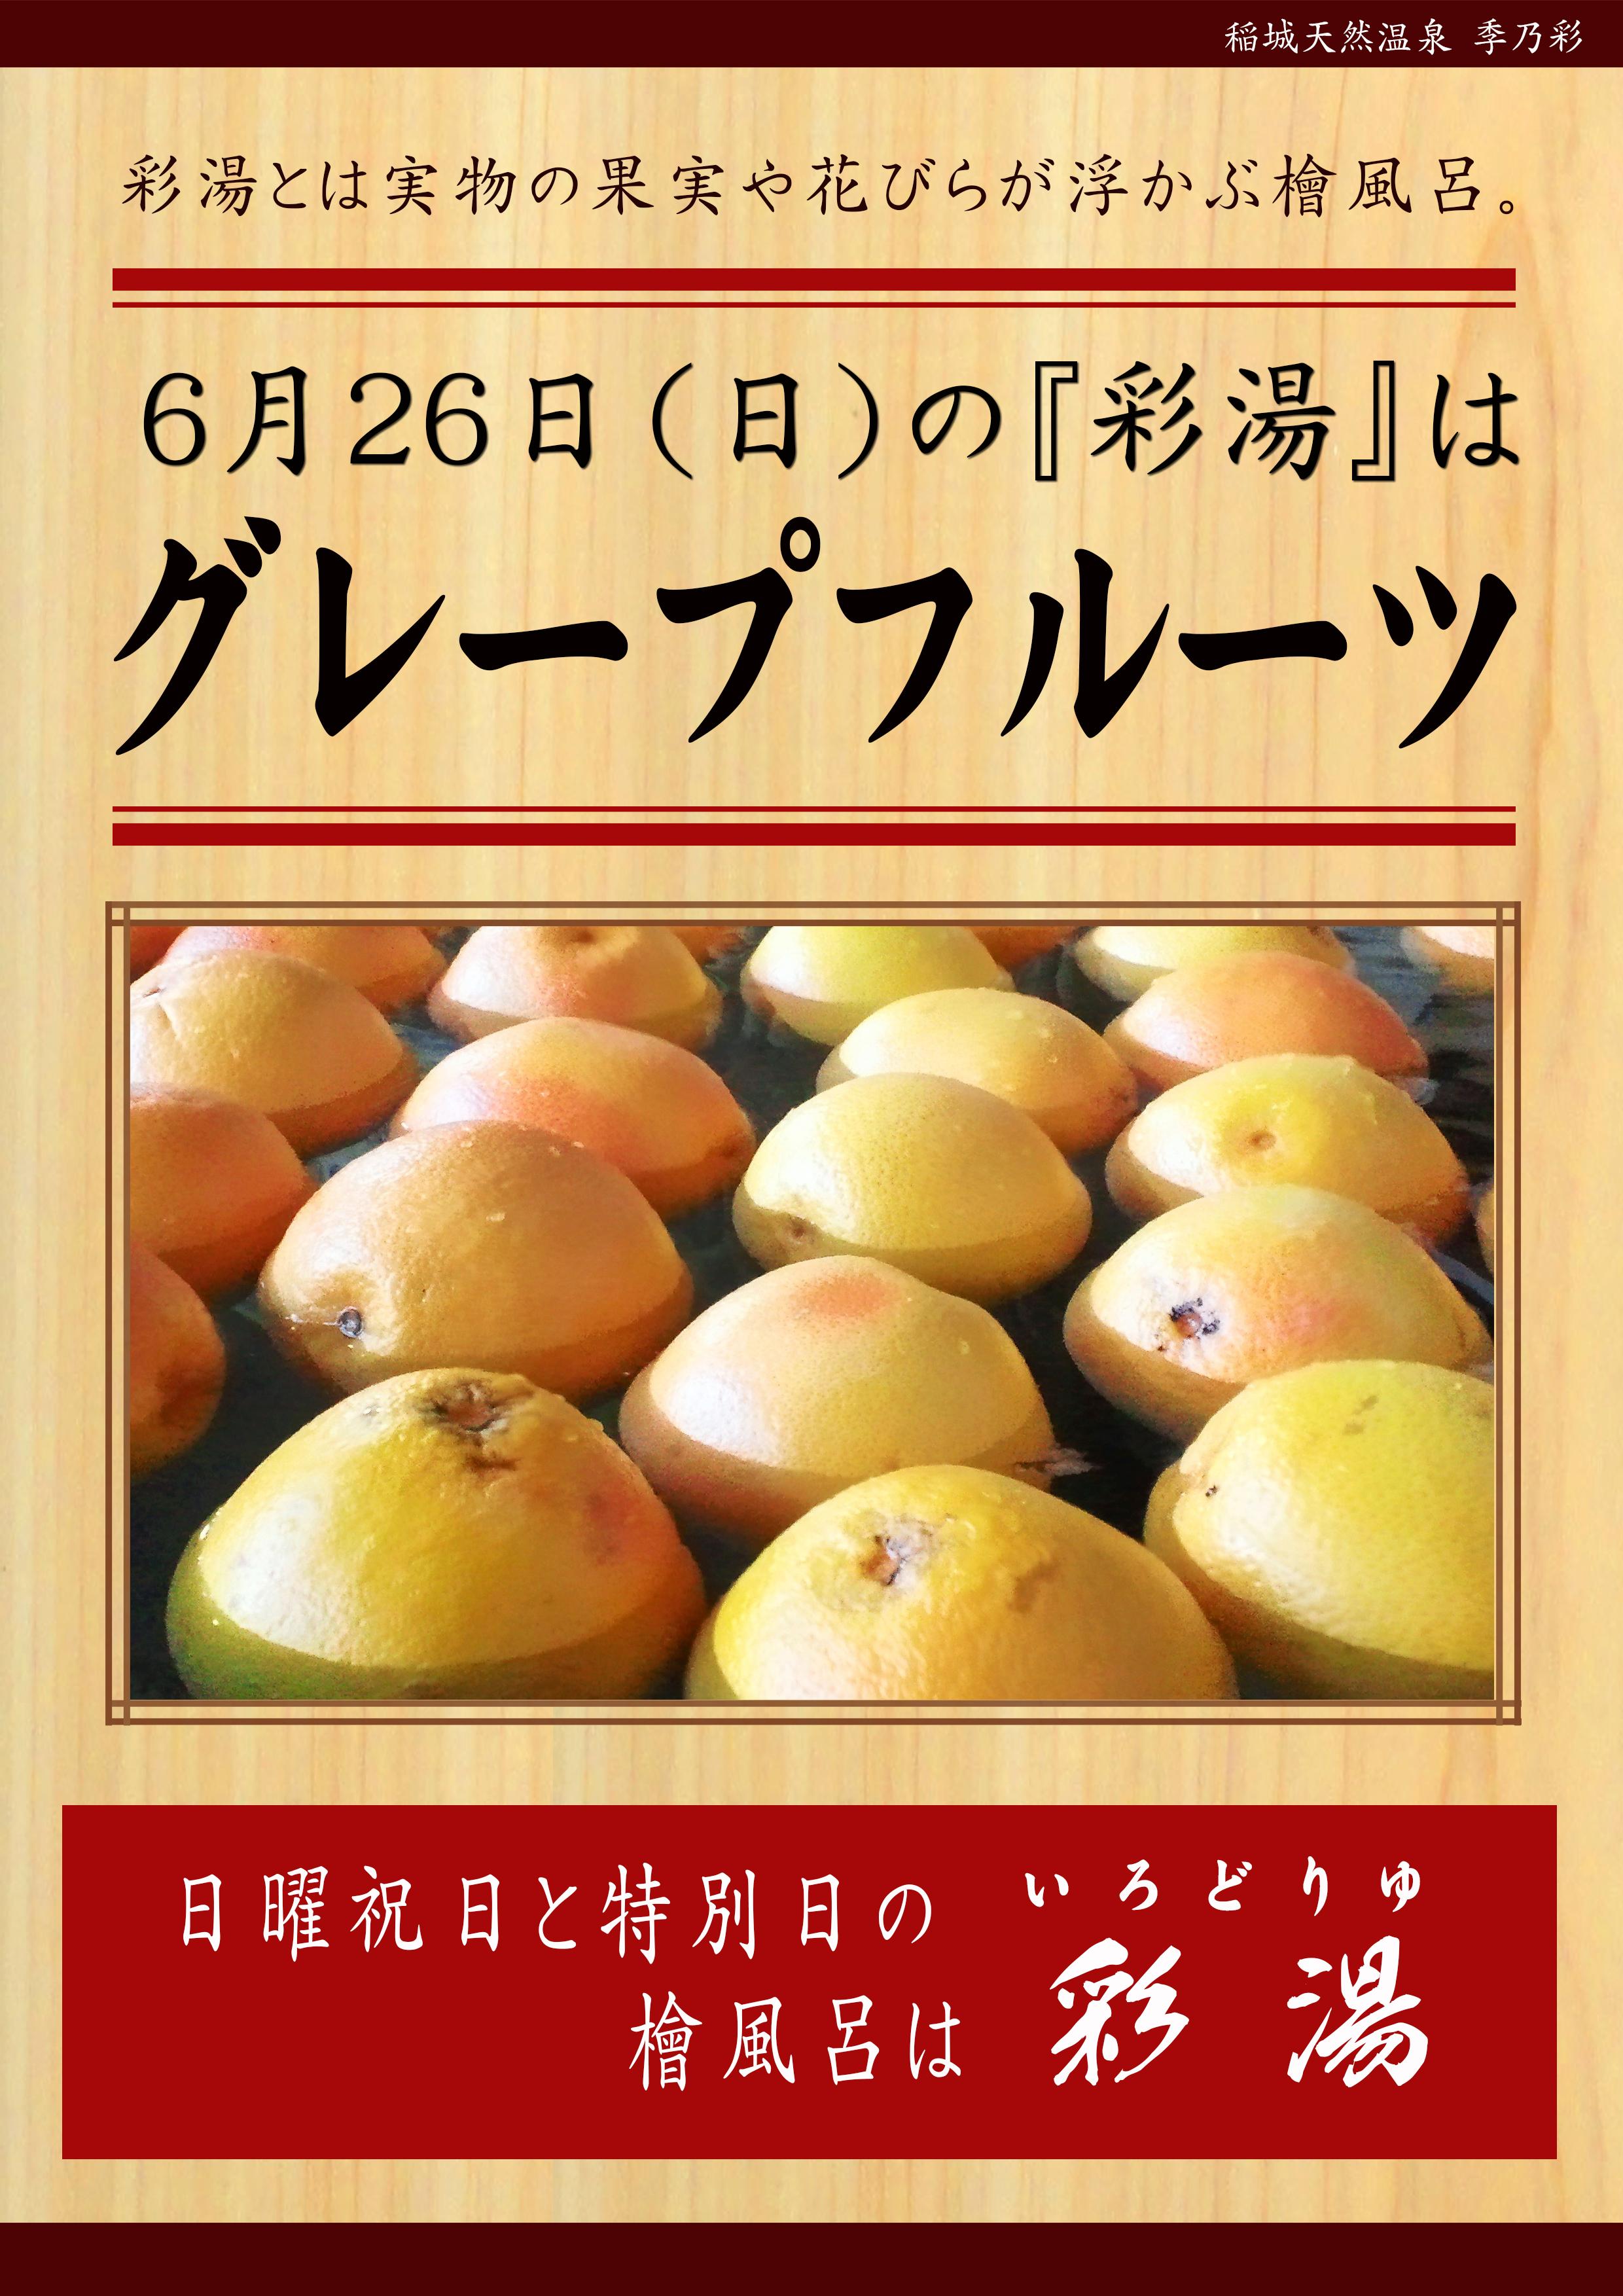 20160626 POP イベント 彩湯 グレープフルーツ